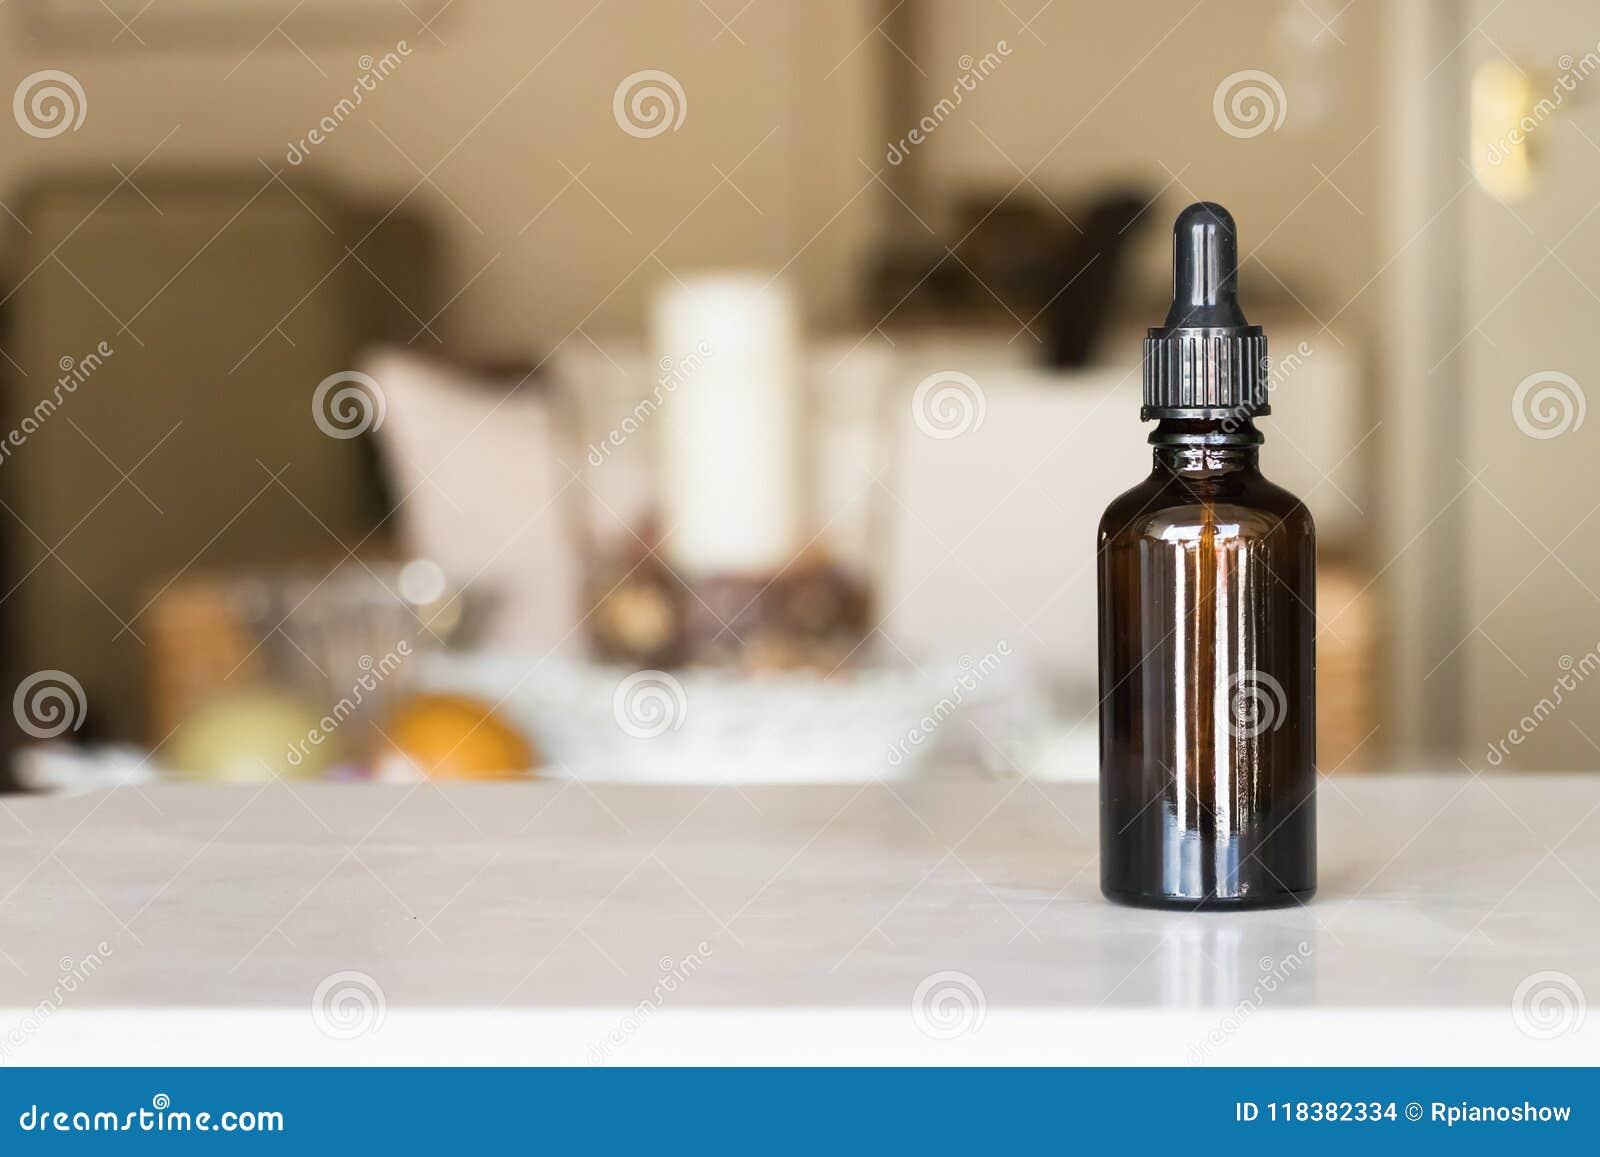 Ένα μπουκάλι ιατρικής με dropper πέρα από ένα υπόβαθρο εγχώριων θαμπάδων